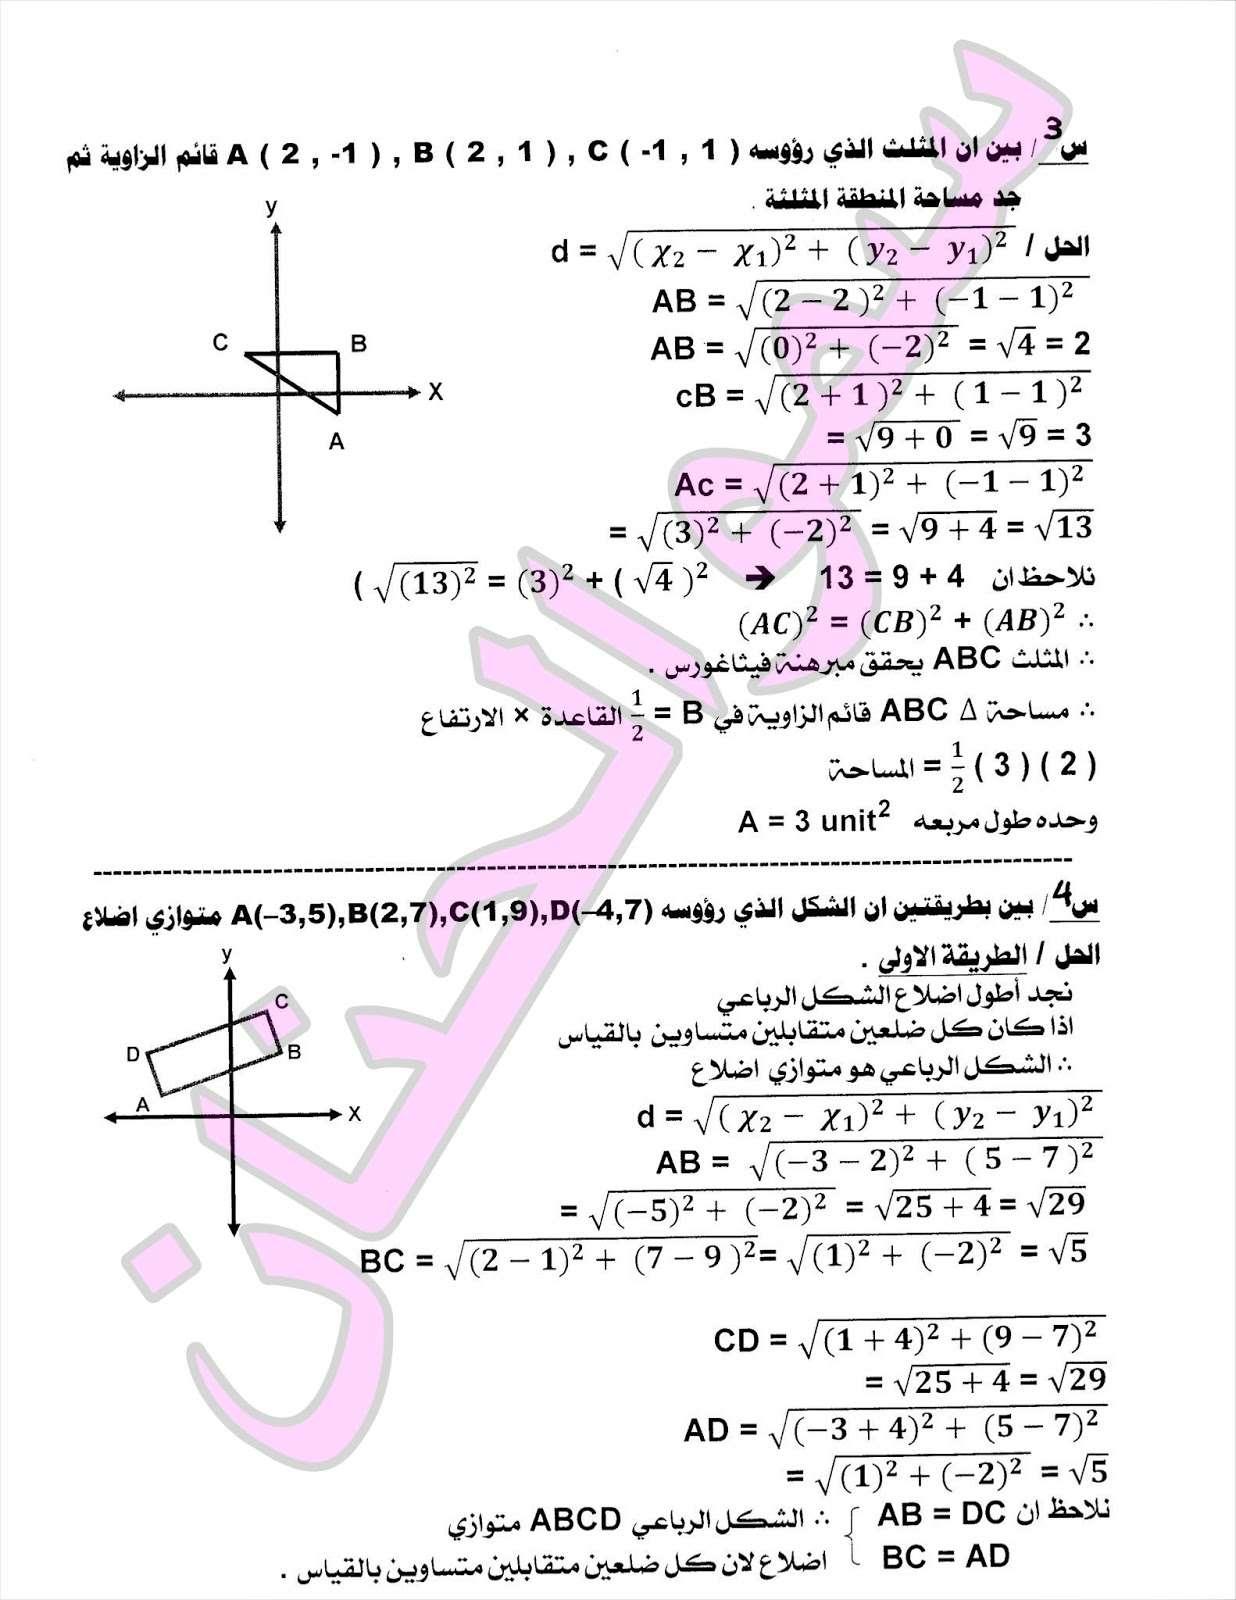 المراجعة المركزة وملخص لمادة الرياضيات للصف الثالث المتوسط 2017 | الجزء 3 2310